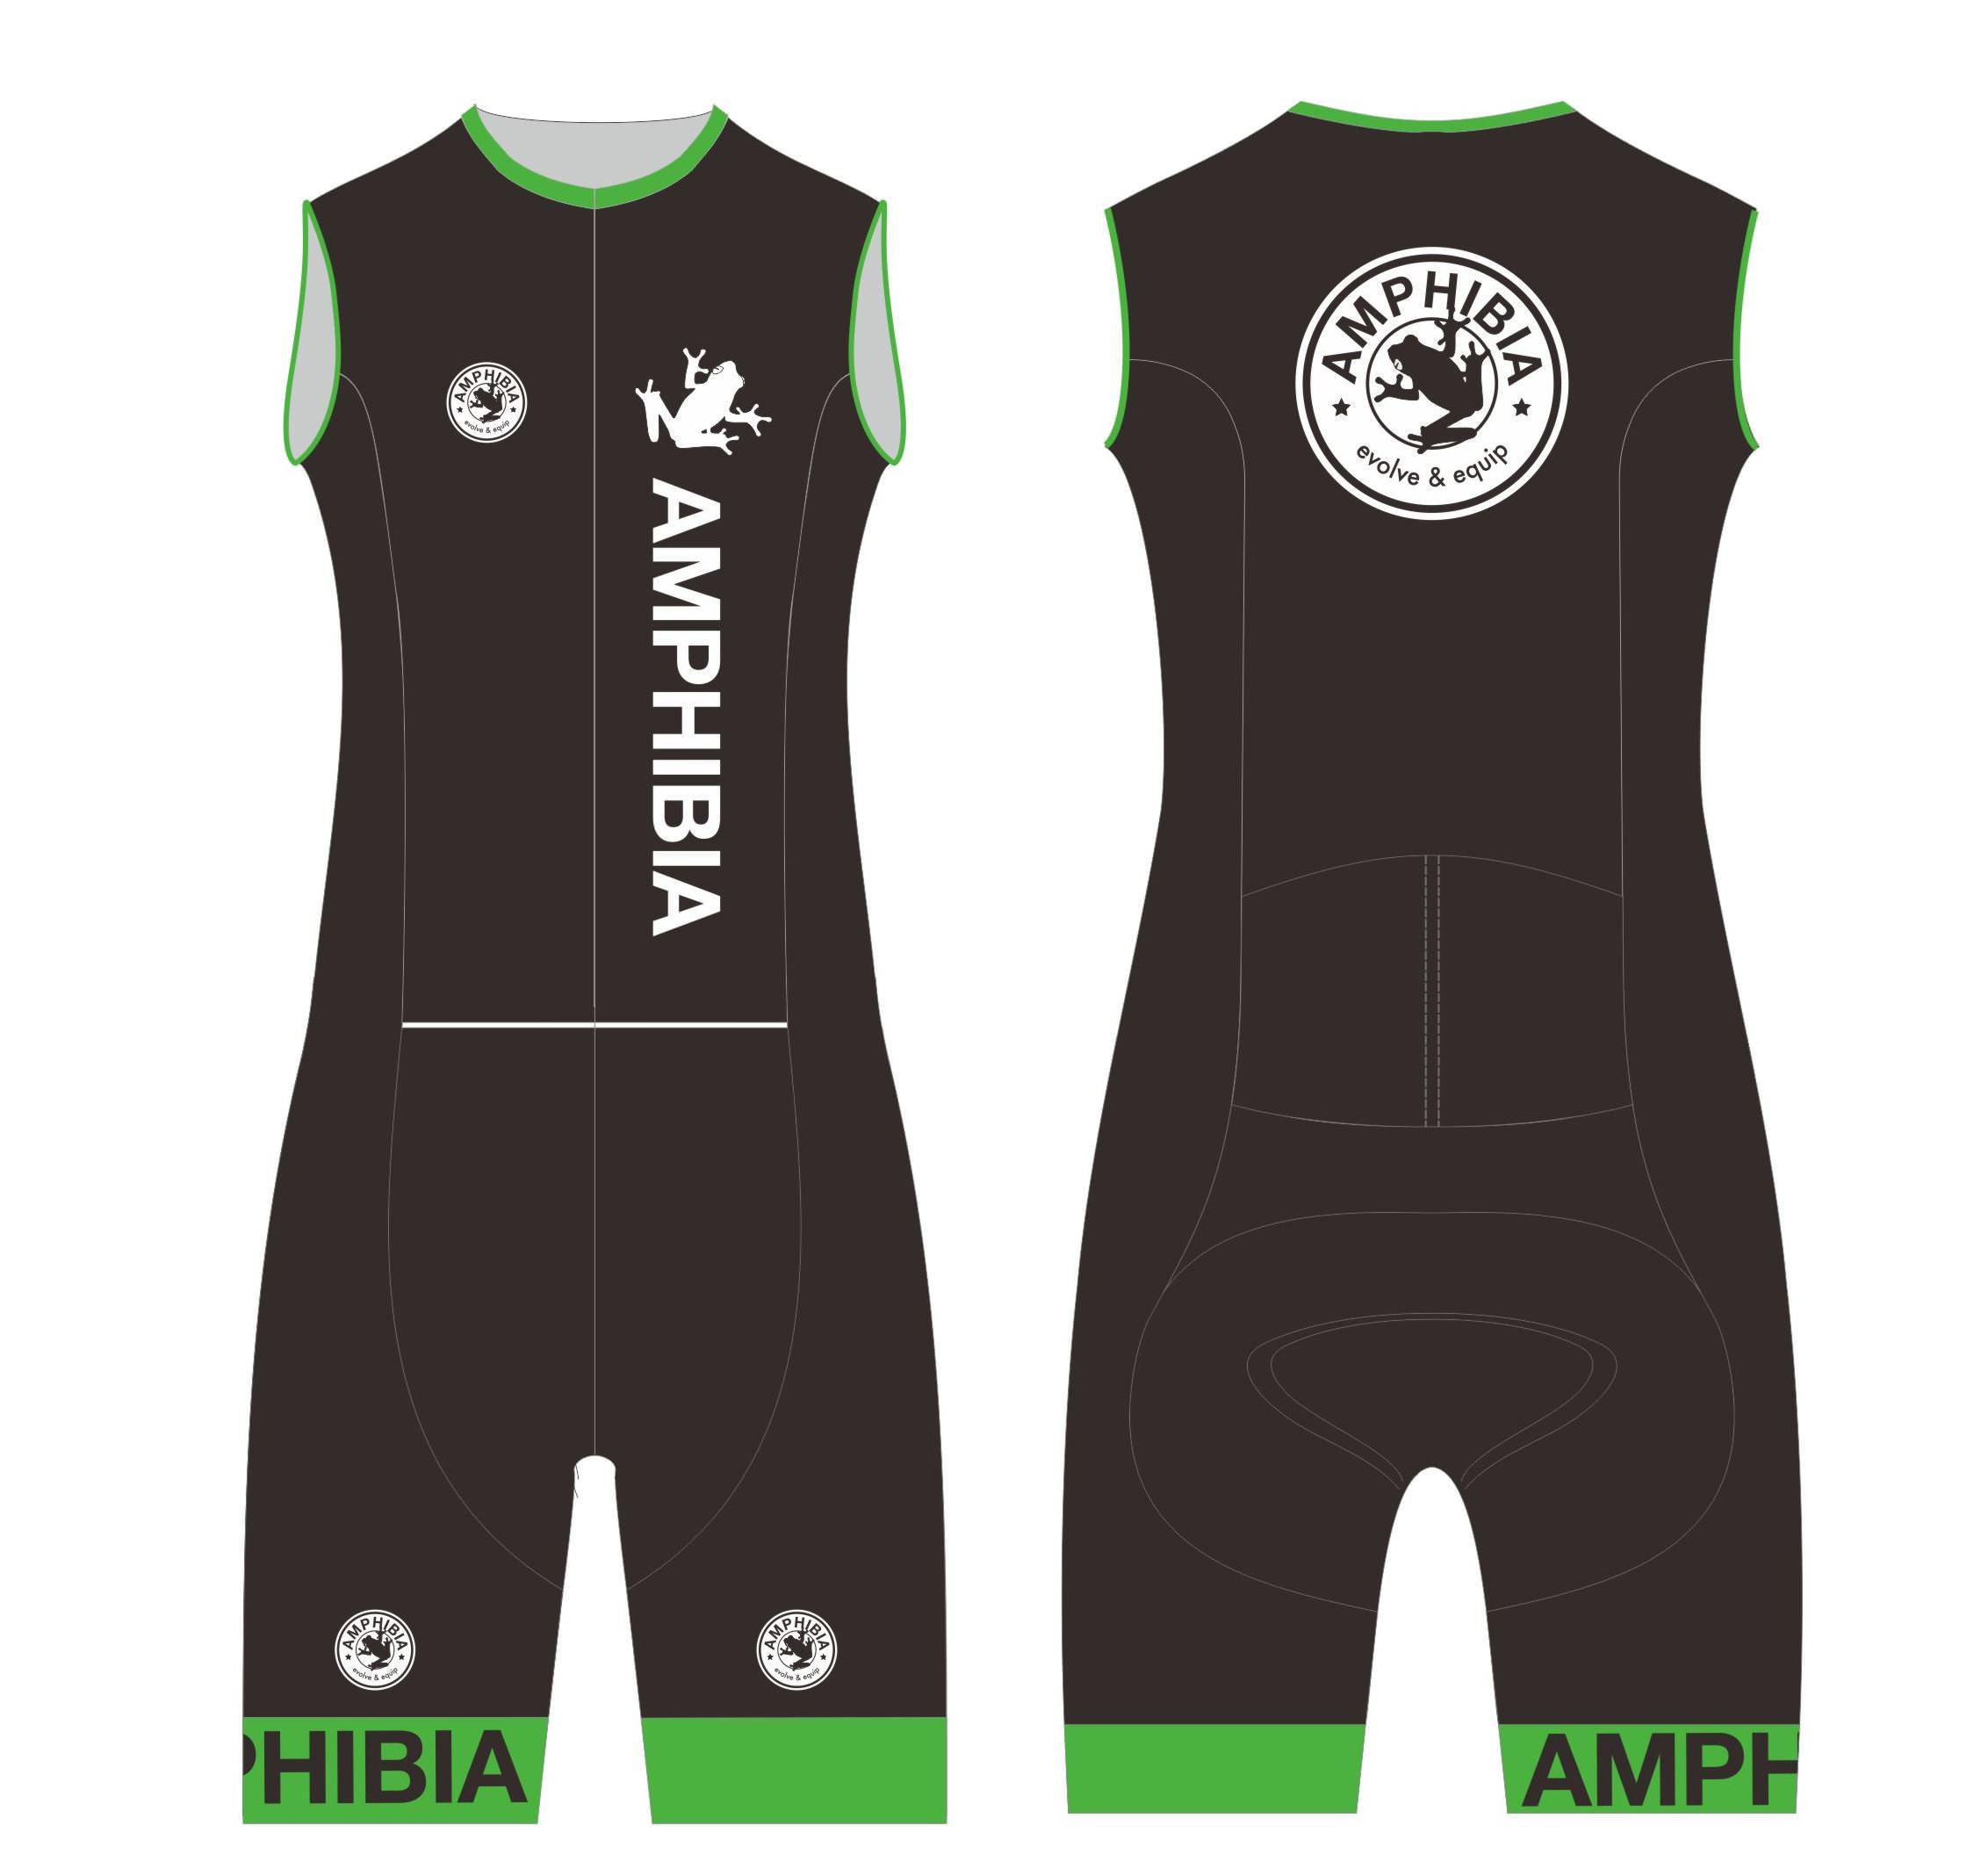 d3b985520 Amphibia Sports Gear